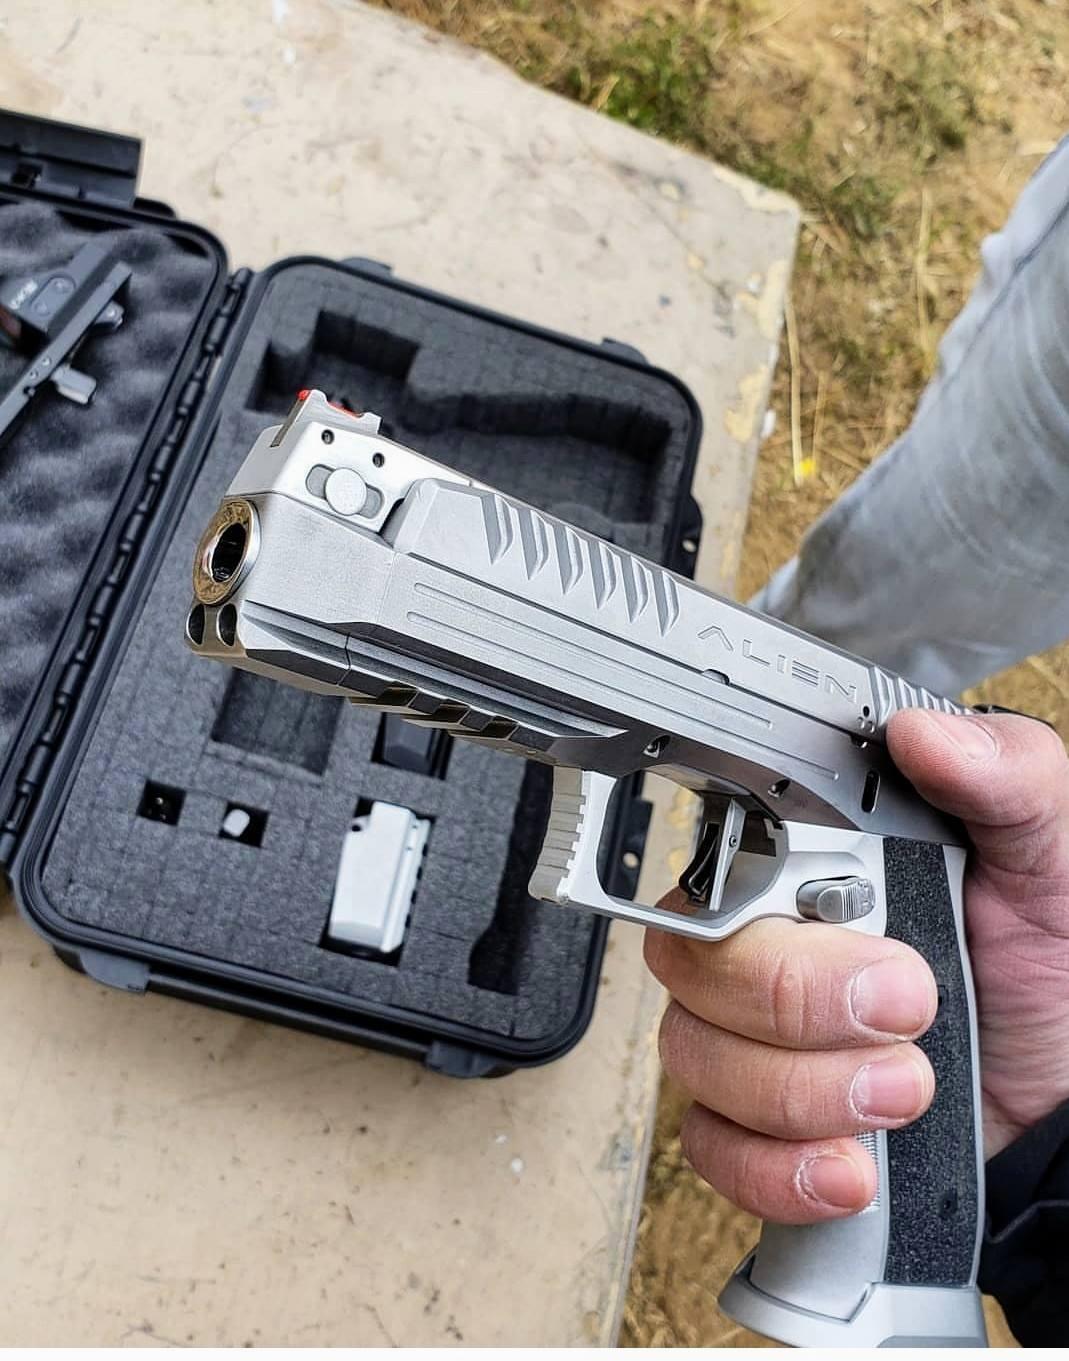 Laugo Arms Alien 9mm Combat/Tactical Pistol: Delayed-Blowback Gas